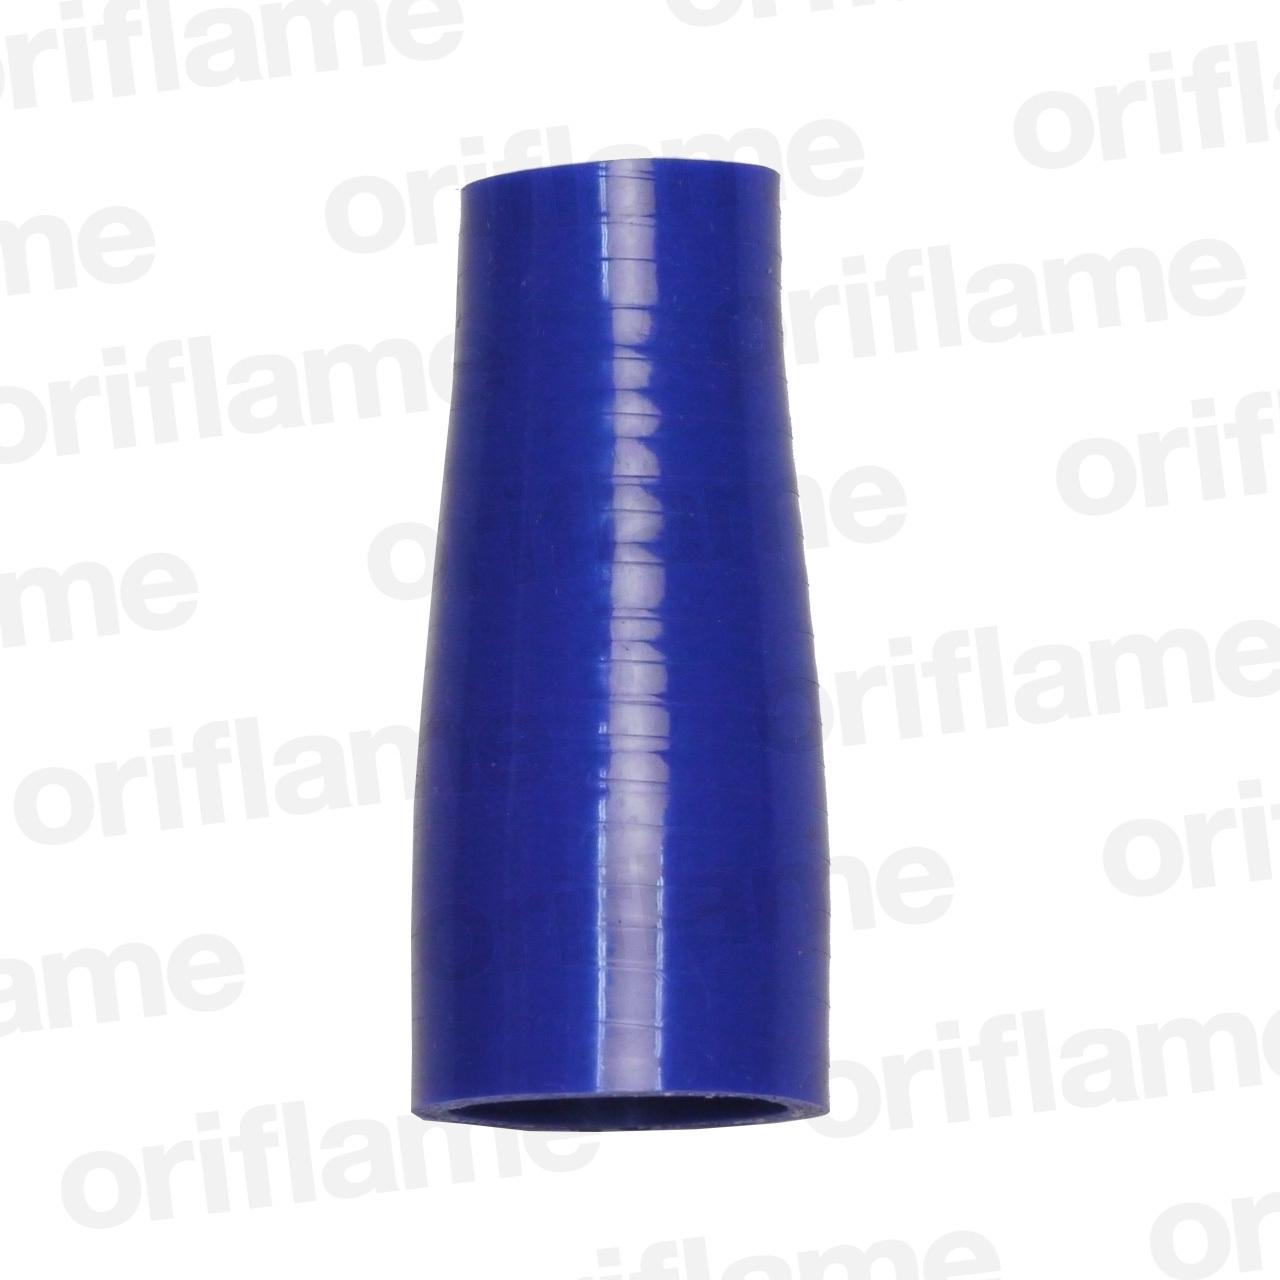 異径・ストレートホース・内径38 x 28mm・ブルー